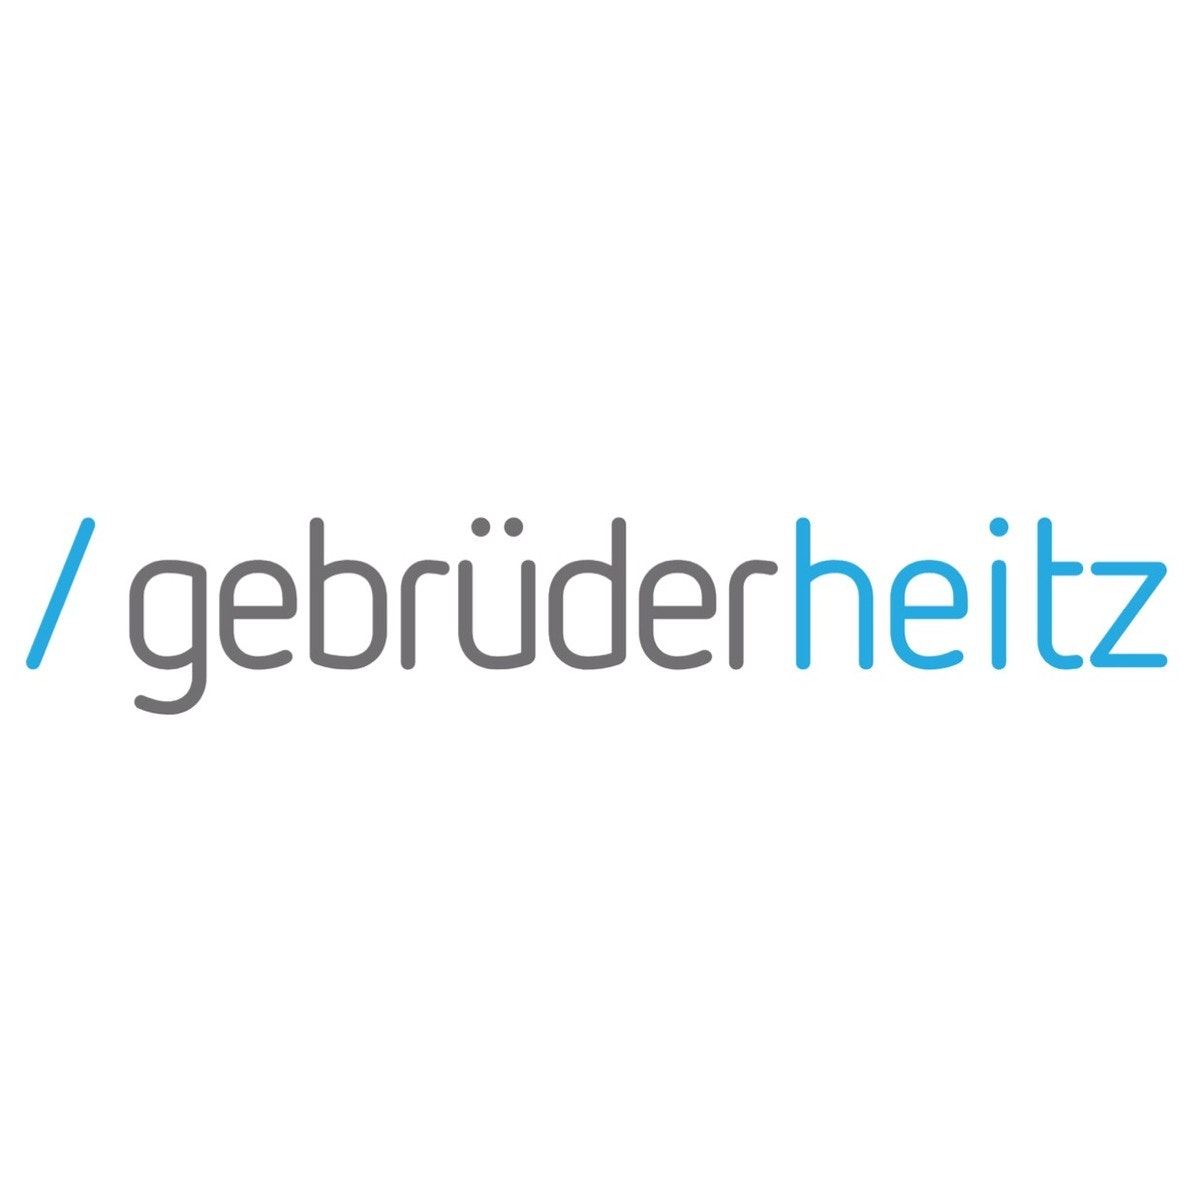 /gebrüderheitz GmbH & Co. KG